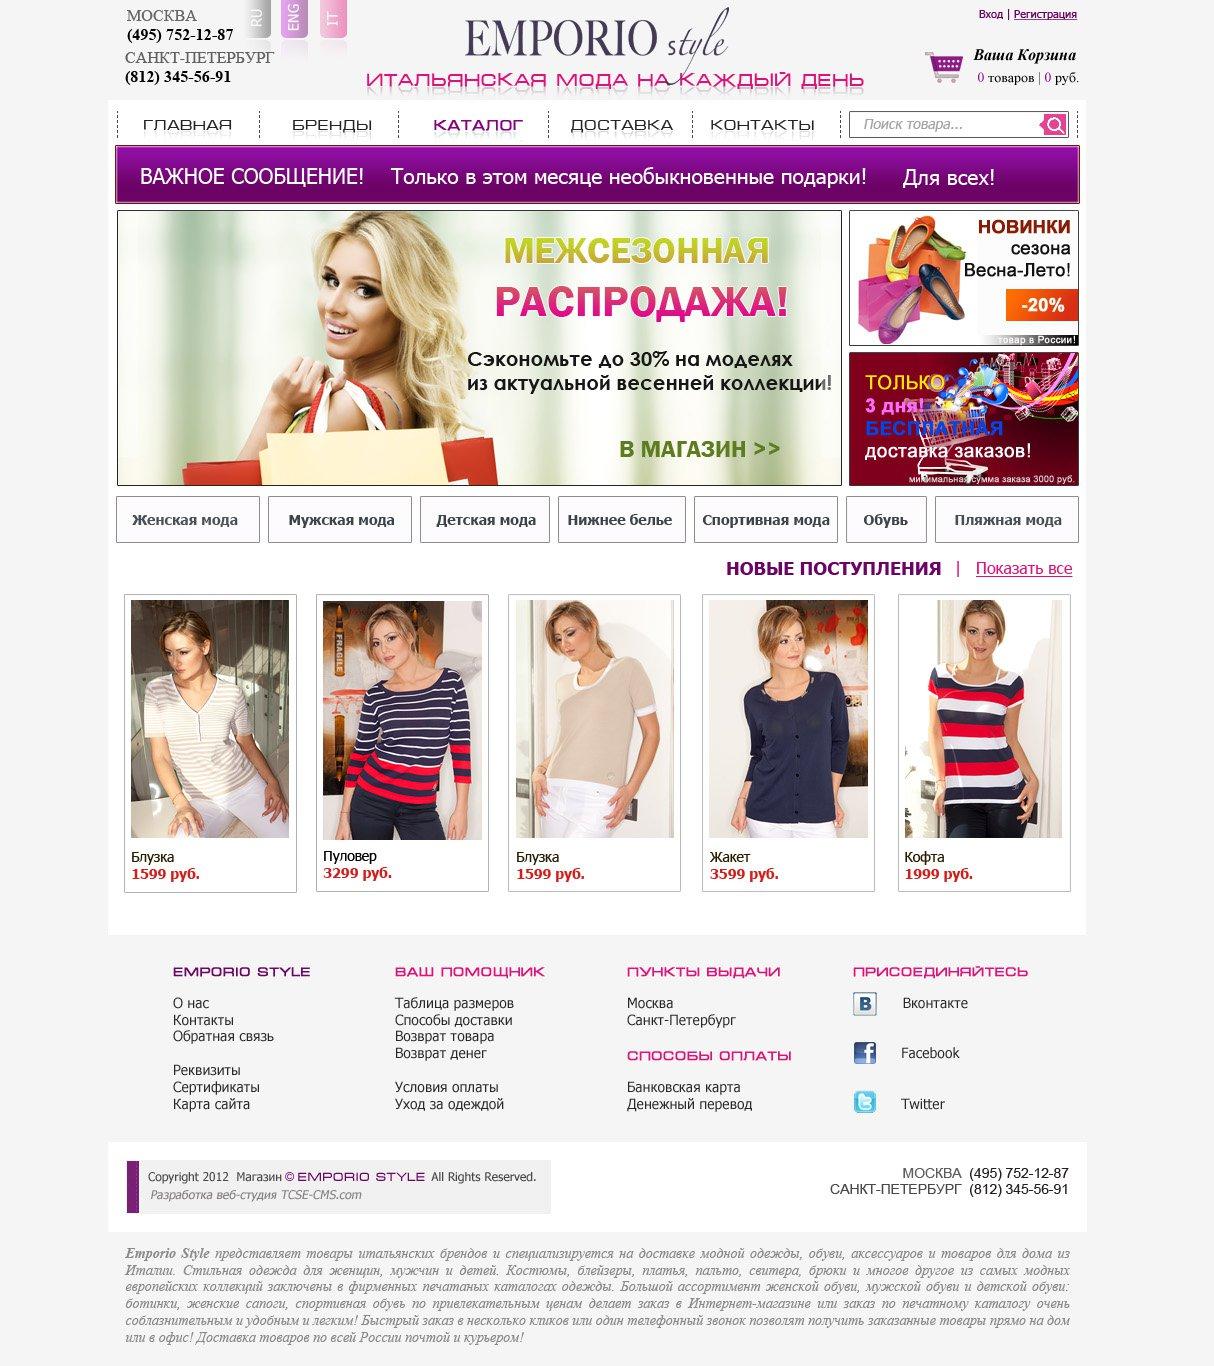 Интернет-магазин одежды из Италии - EmporioStyle